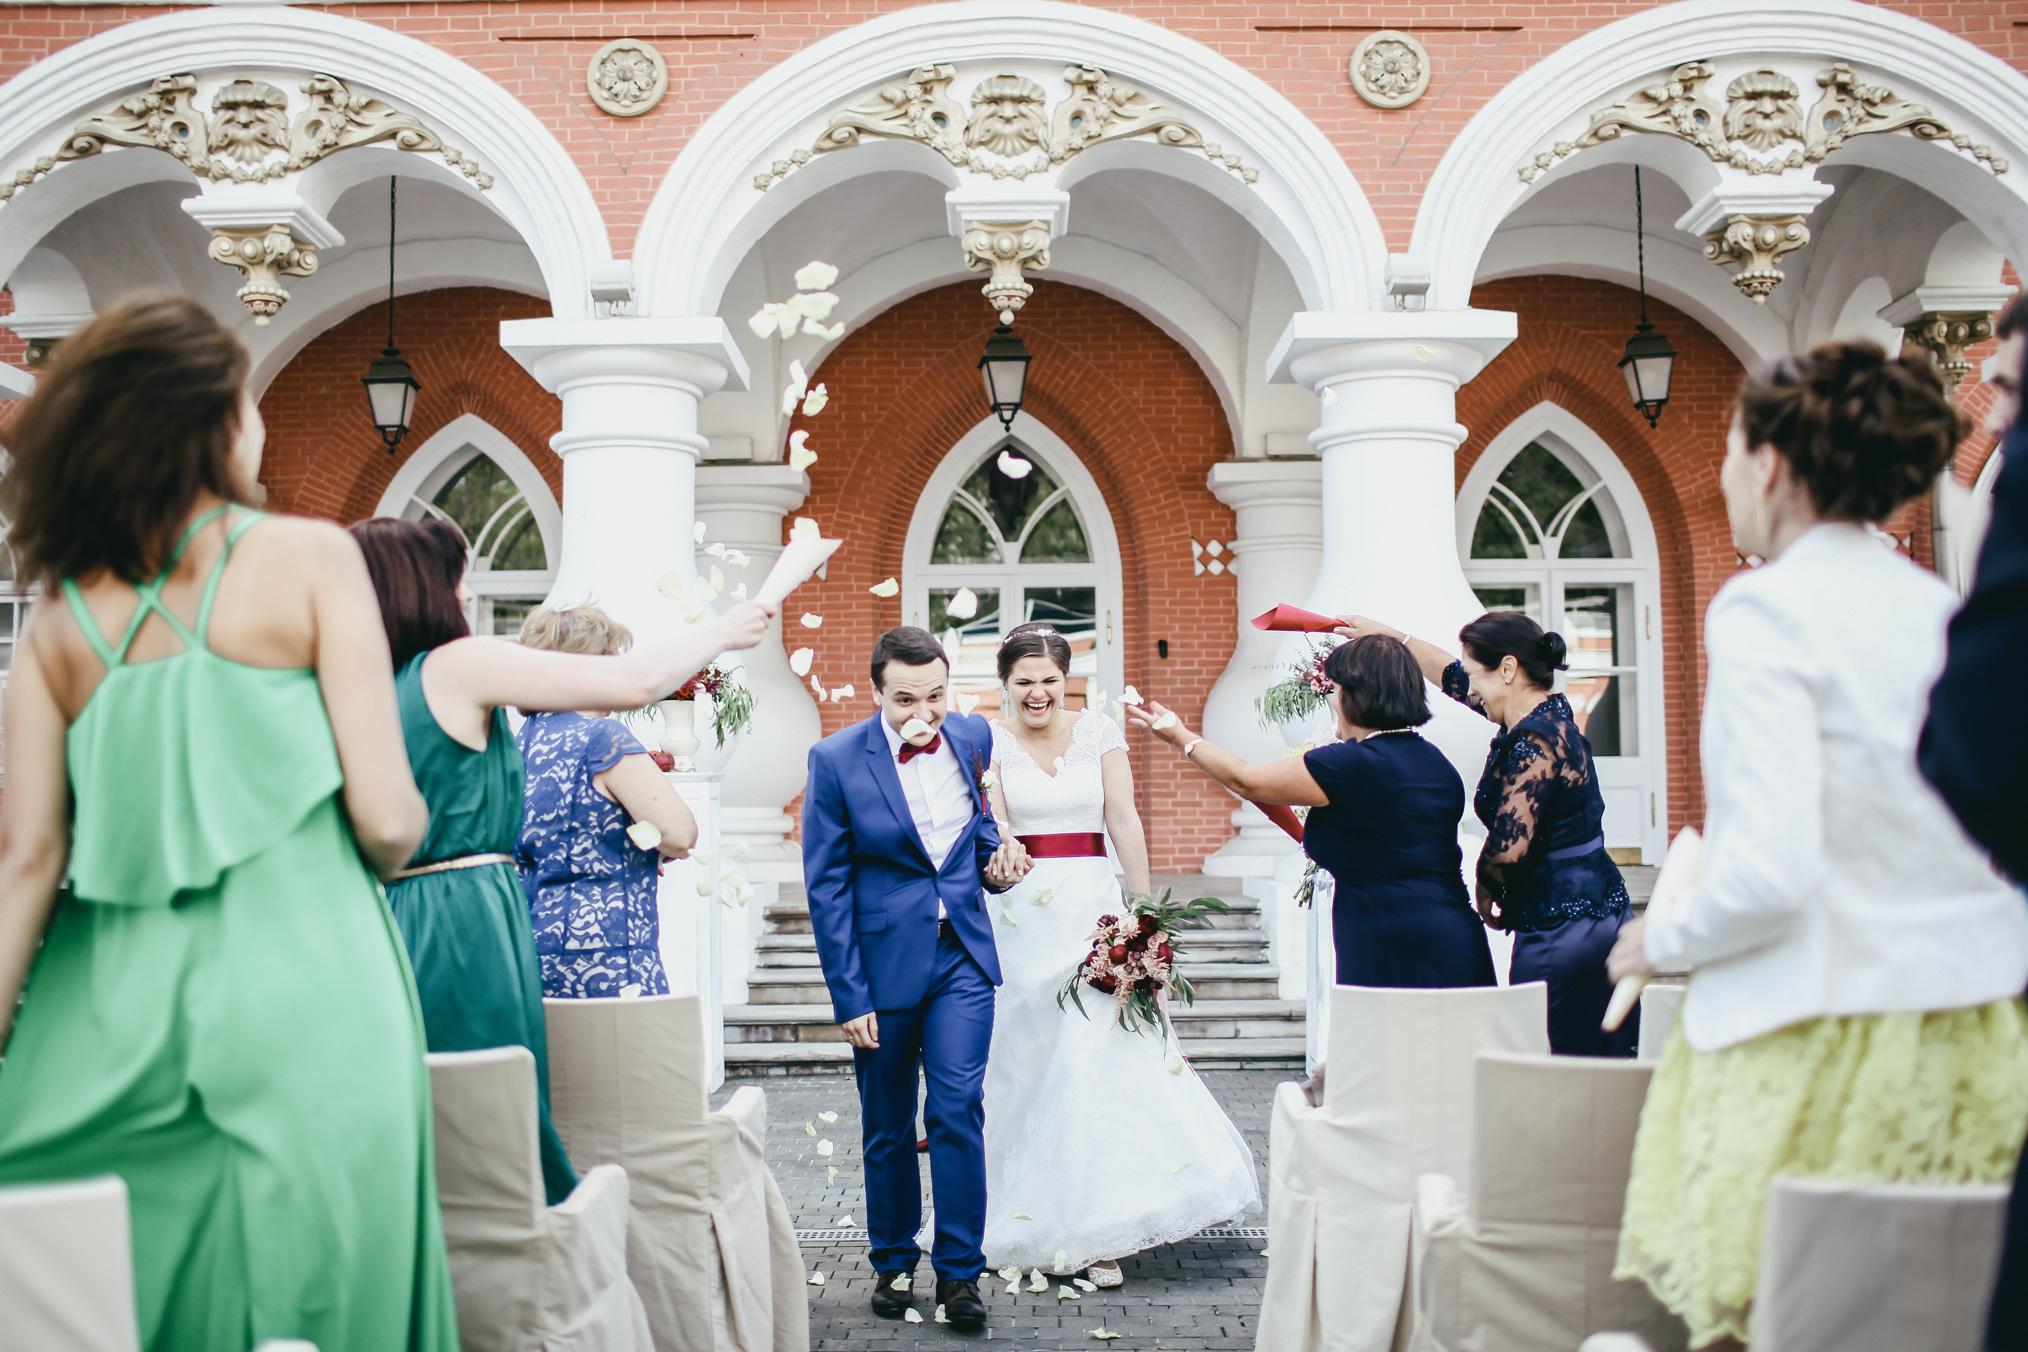 что кто фото европейской свадьбы в одессе вам